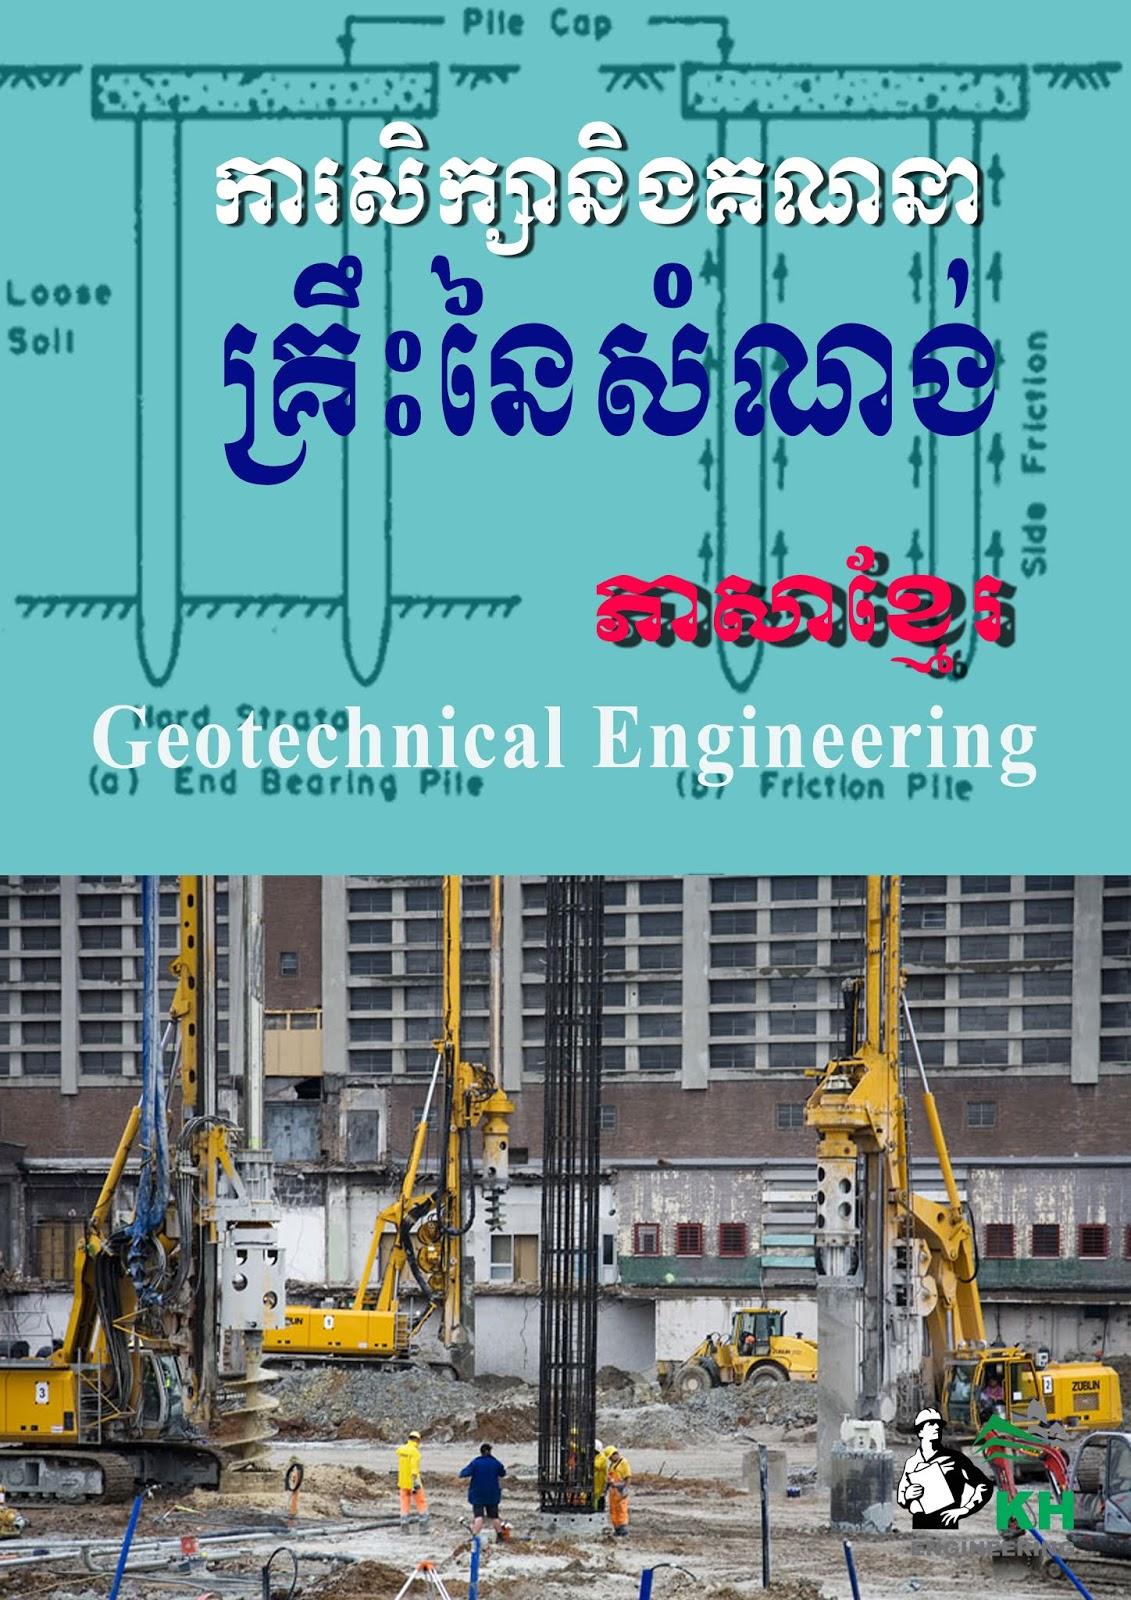 Construction Foundation (Khmer Language) - KH Engineering